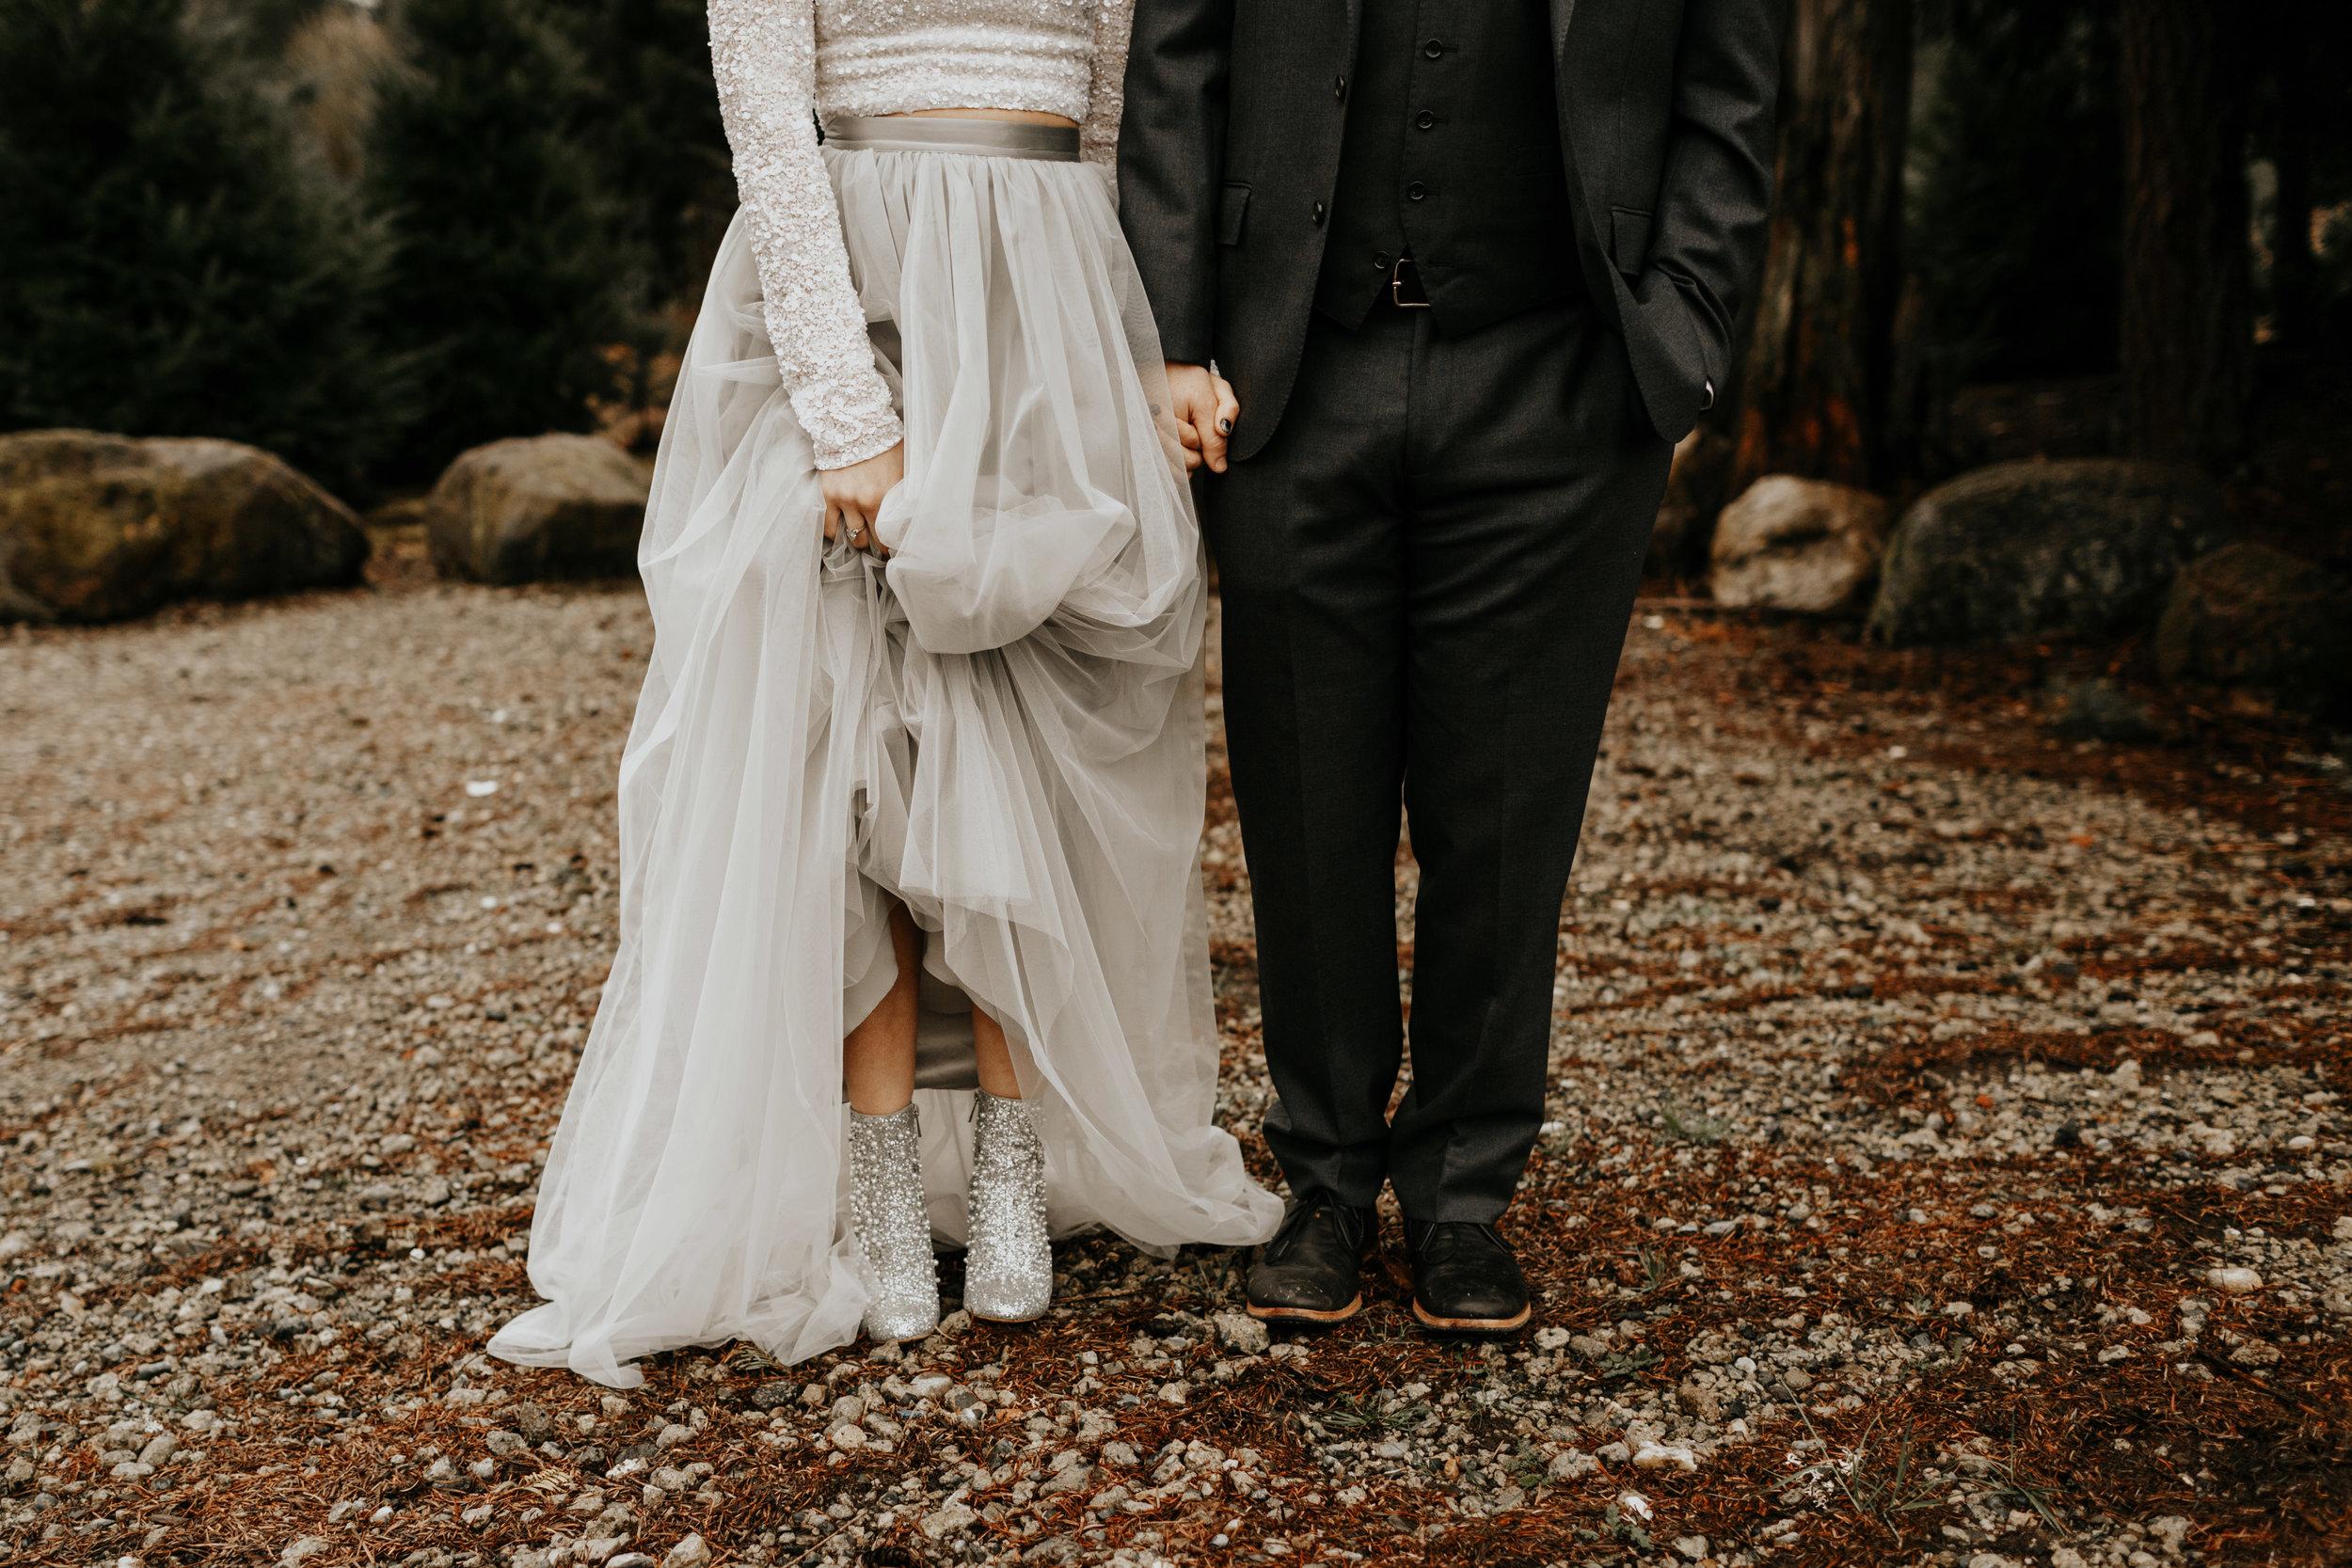 ginapaulson-courtnyandryan-wedding-121.jpg